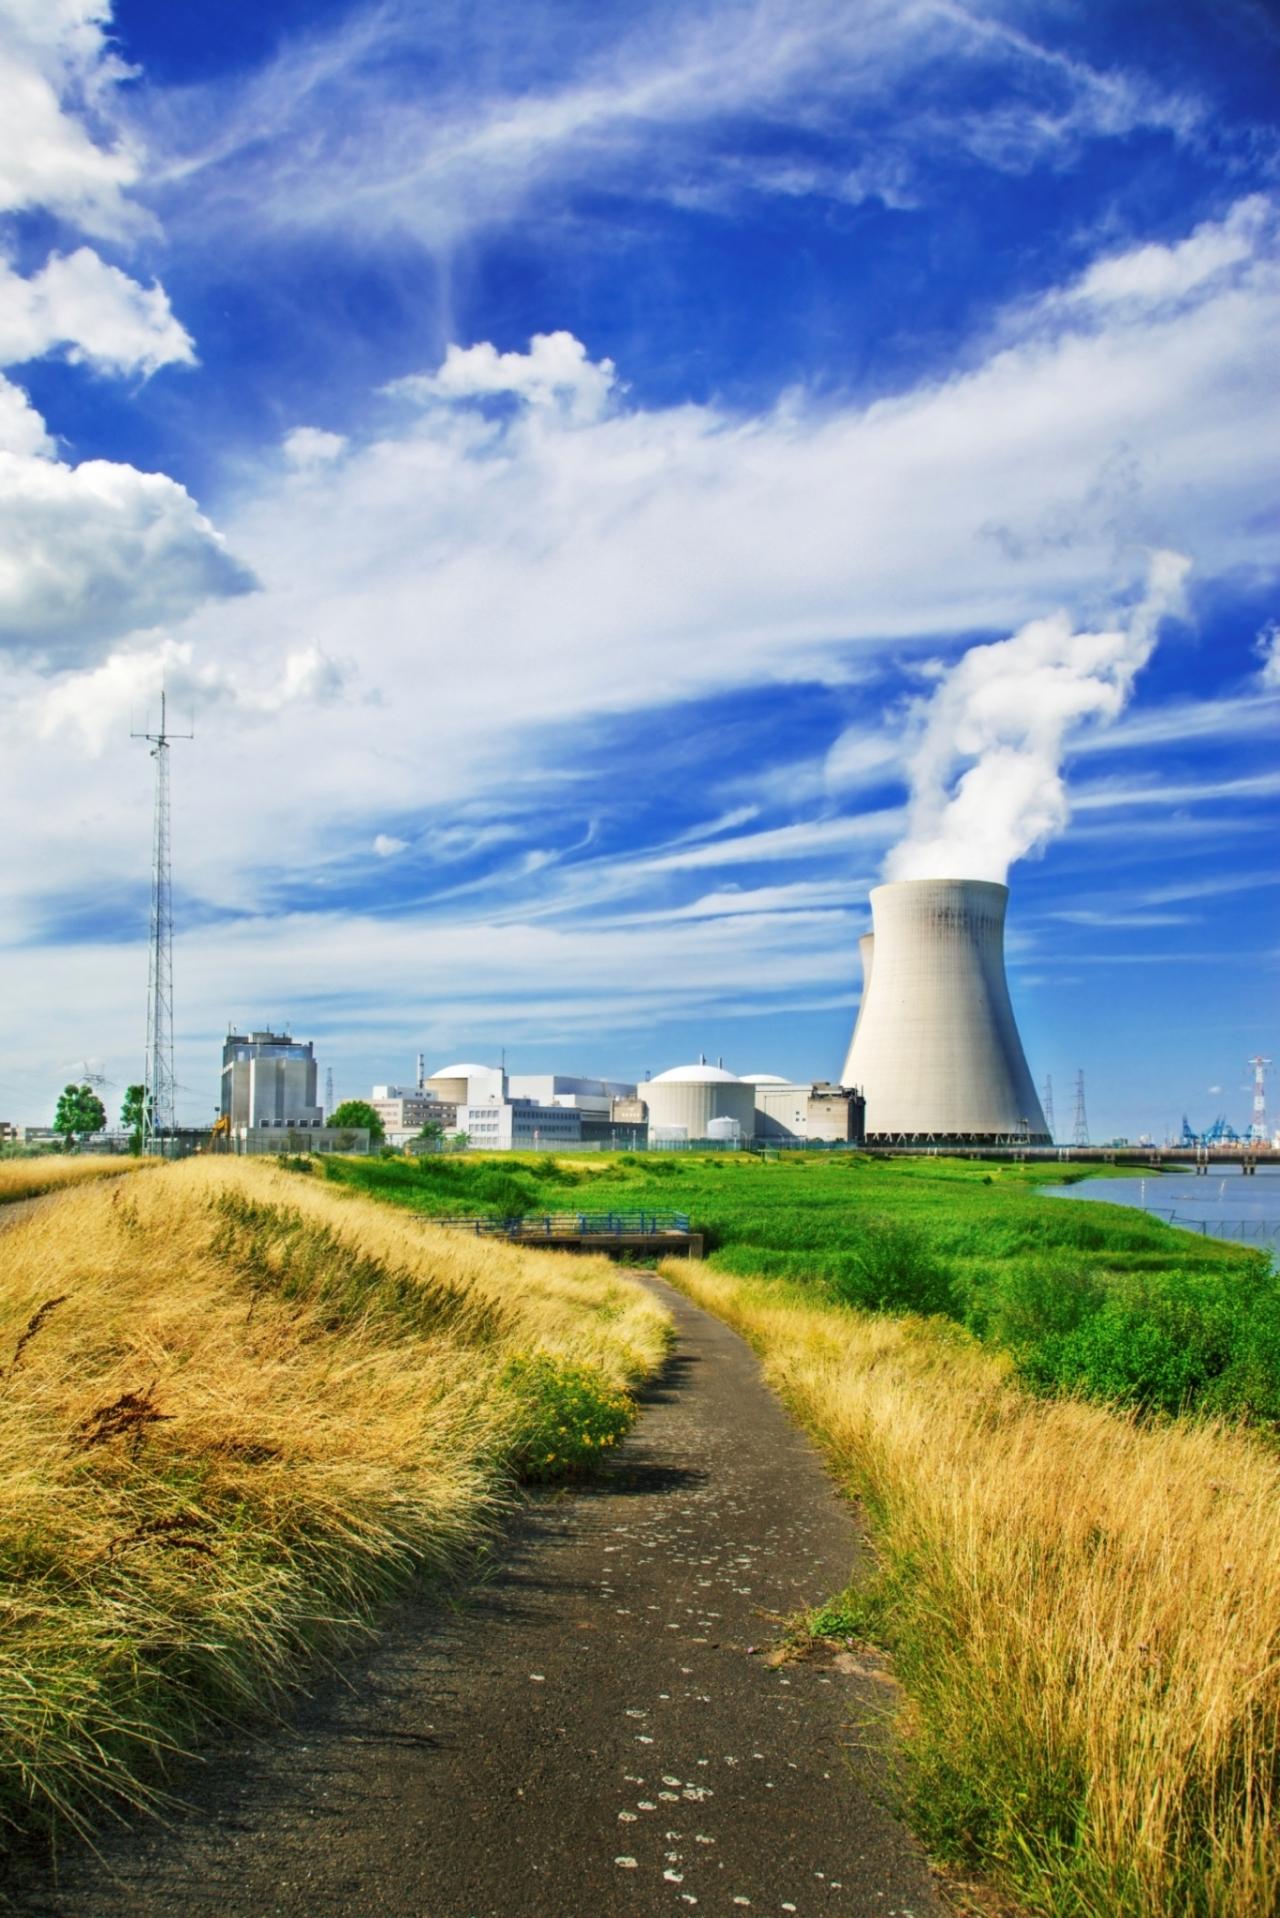 Naraščanje novih jedrskih elektrarn na Kitajskem